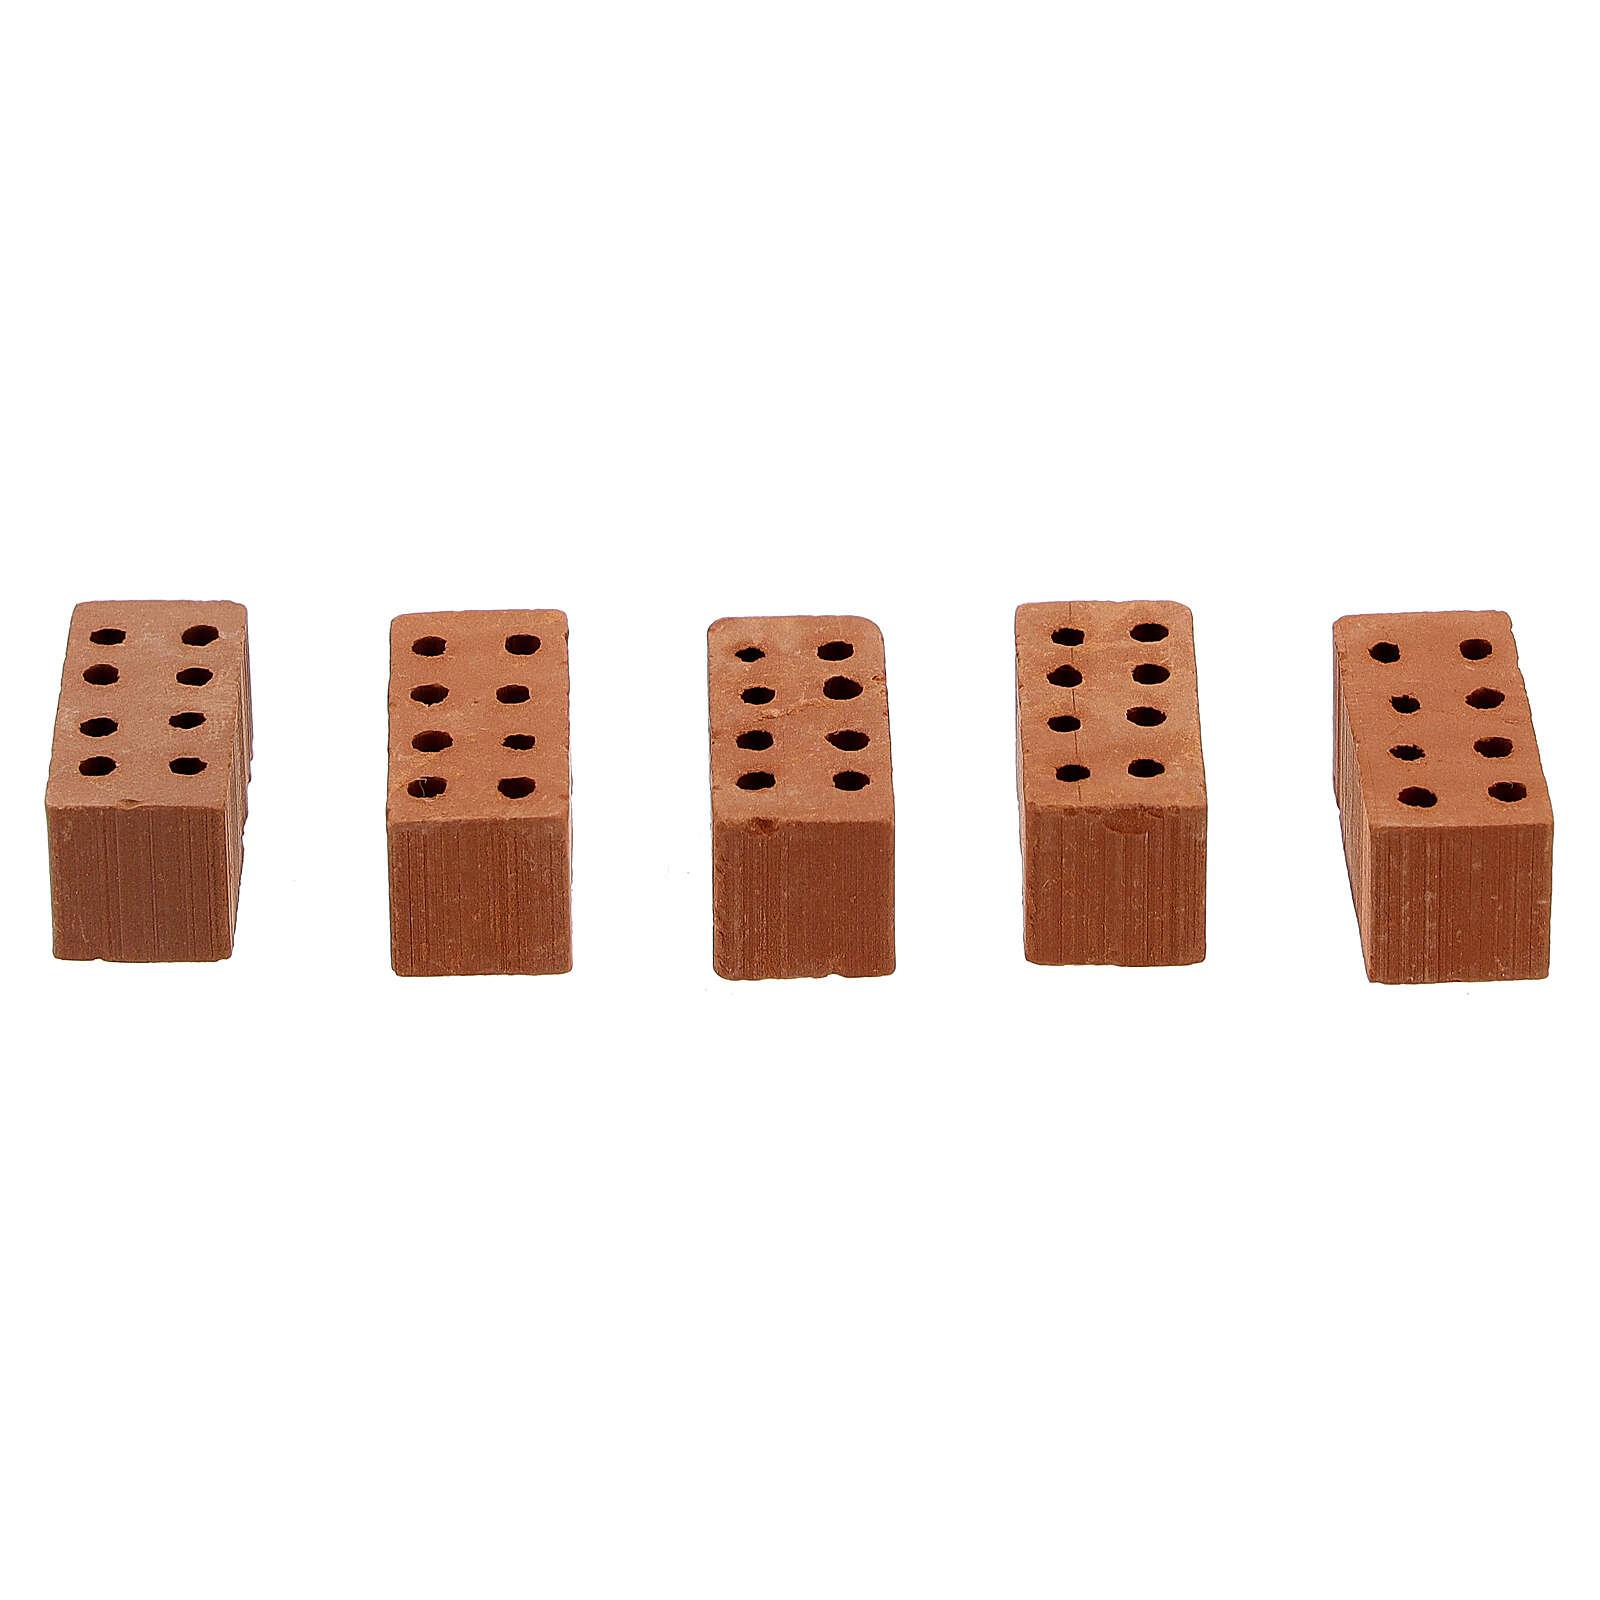 Tijolos retangulares terracota miniaturas 1x2x1 cm, 100 unidades 4